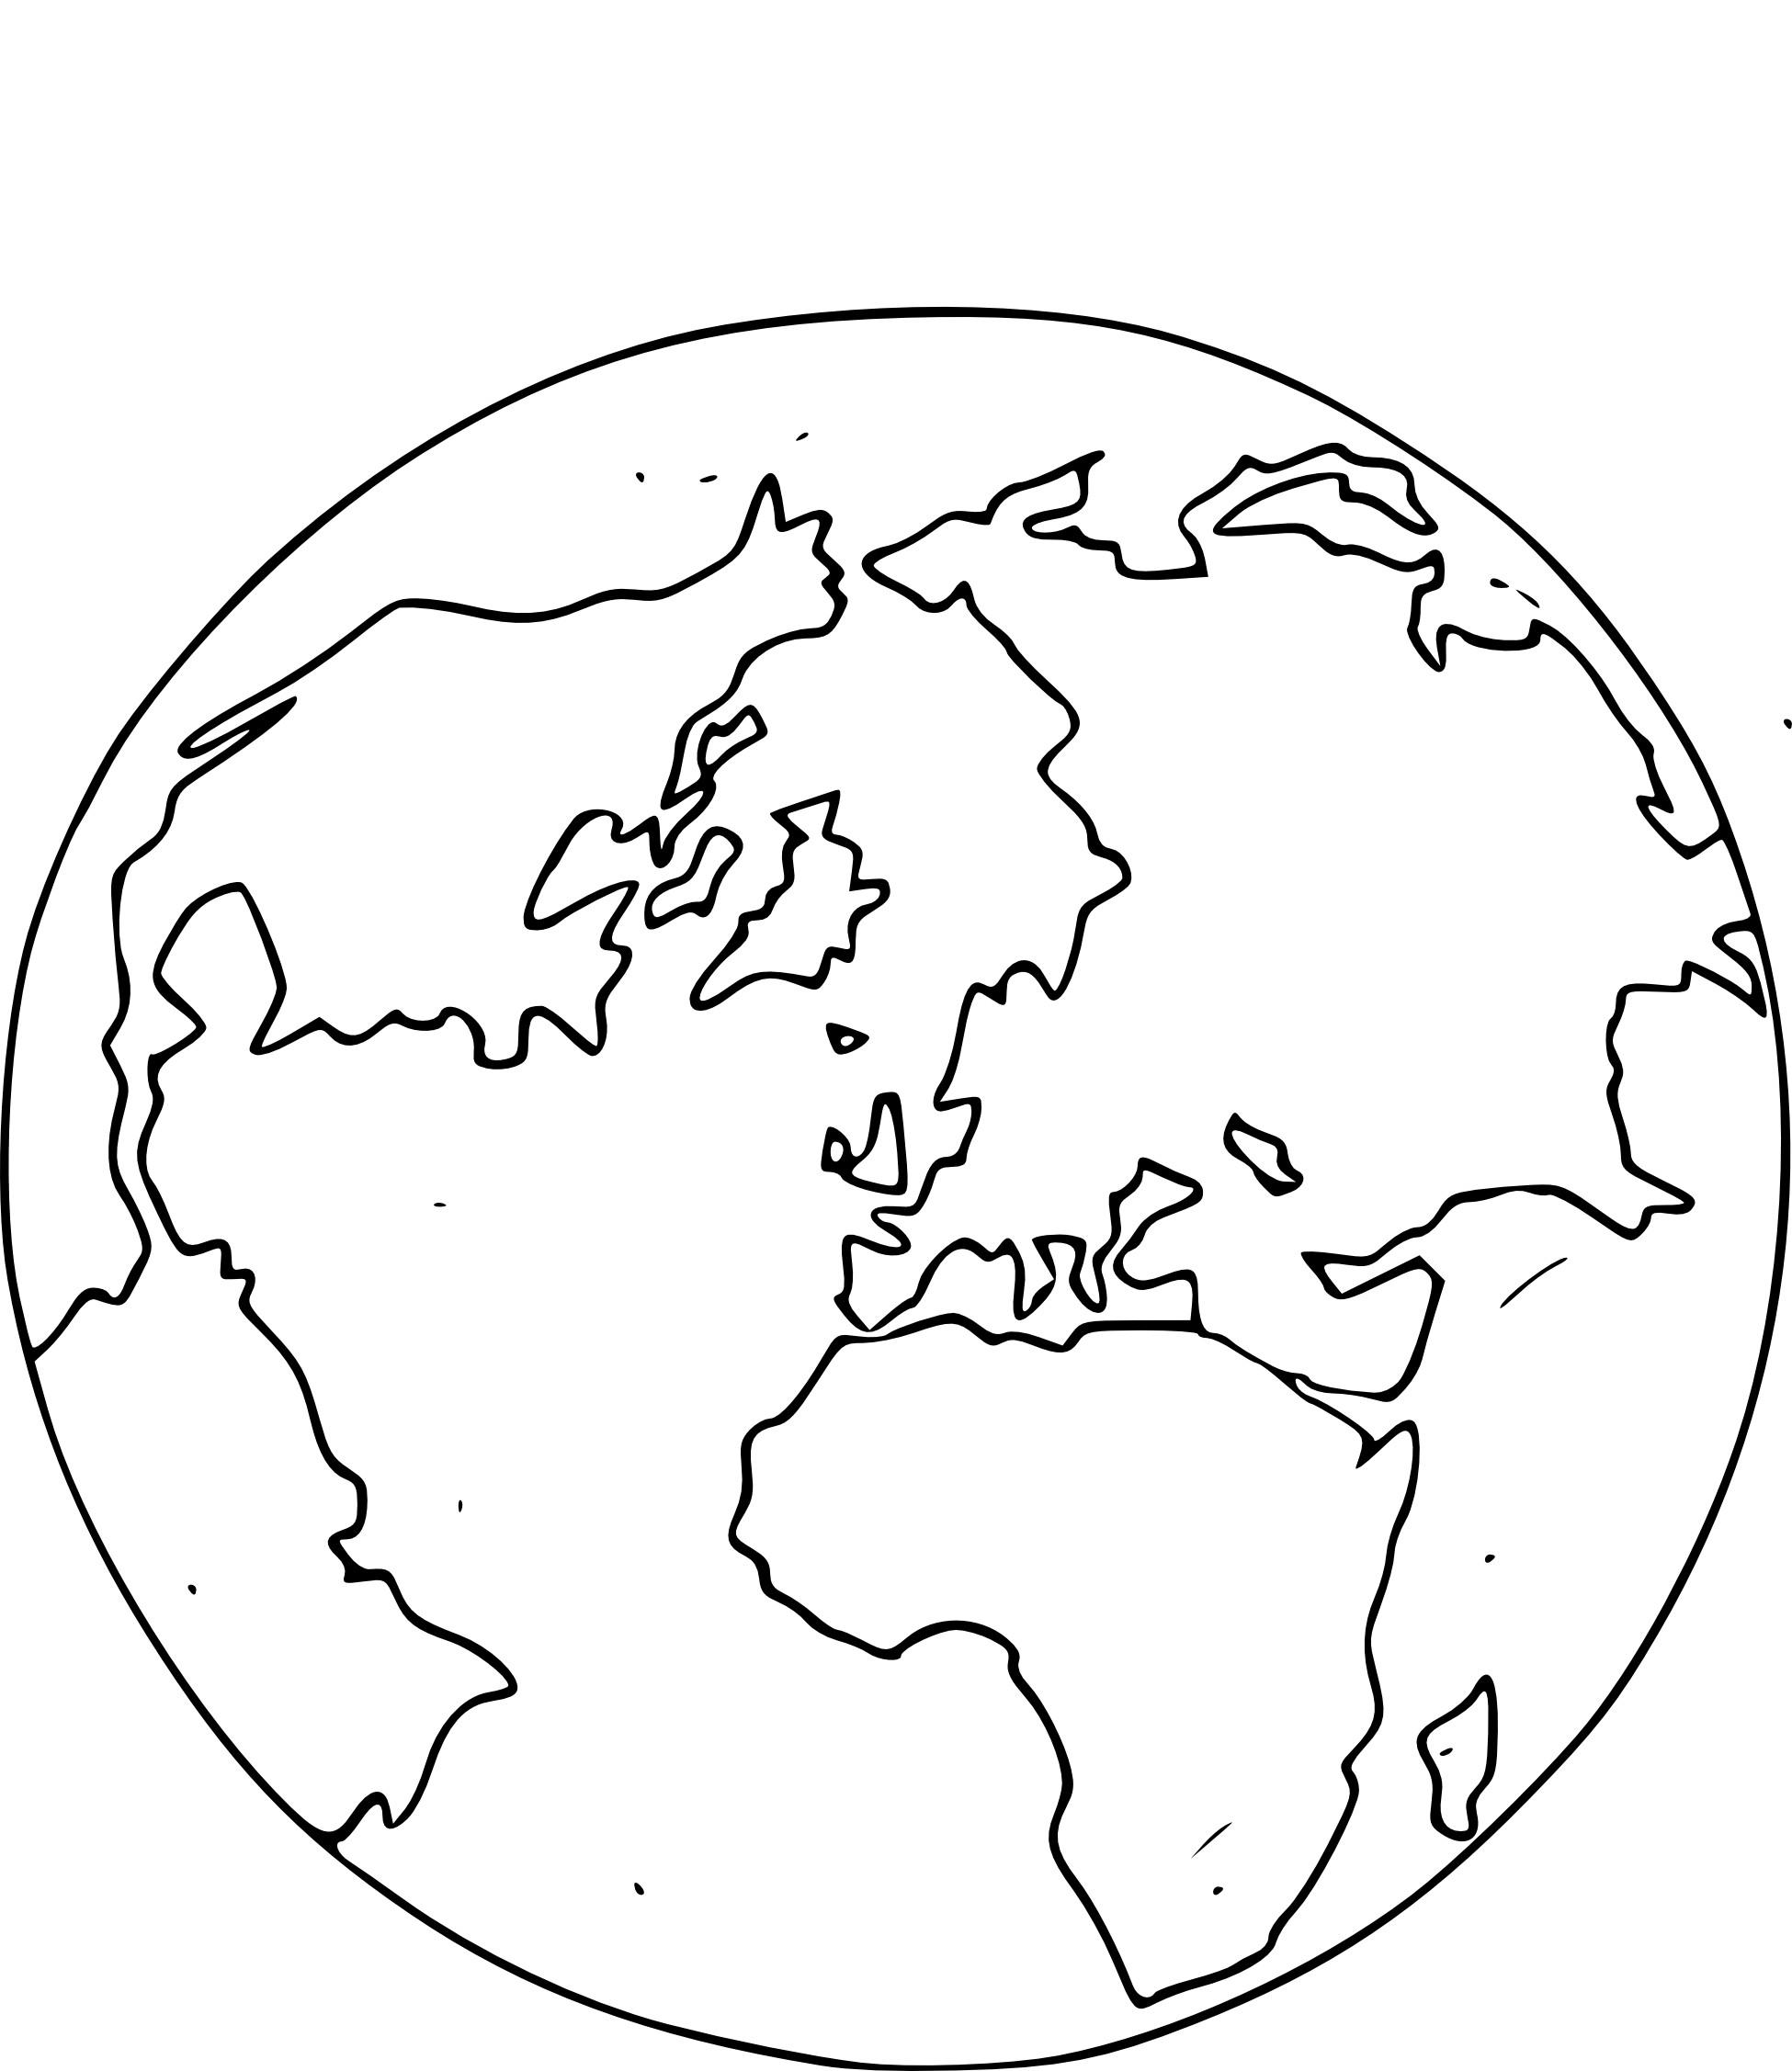 coloriage globe terrestre